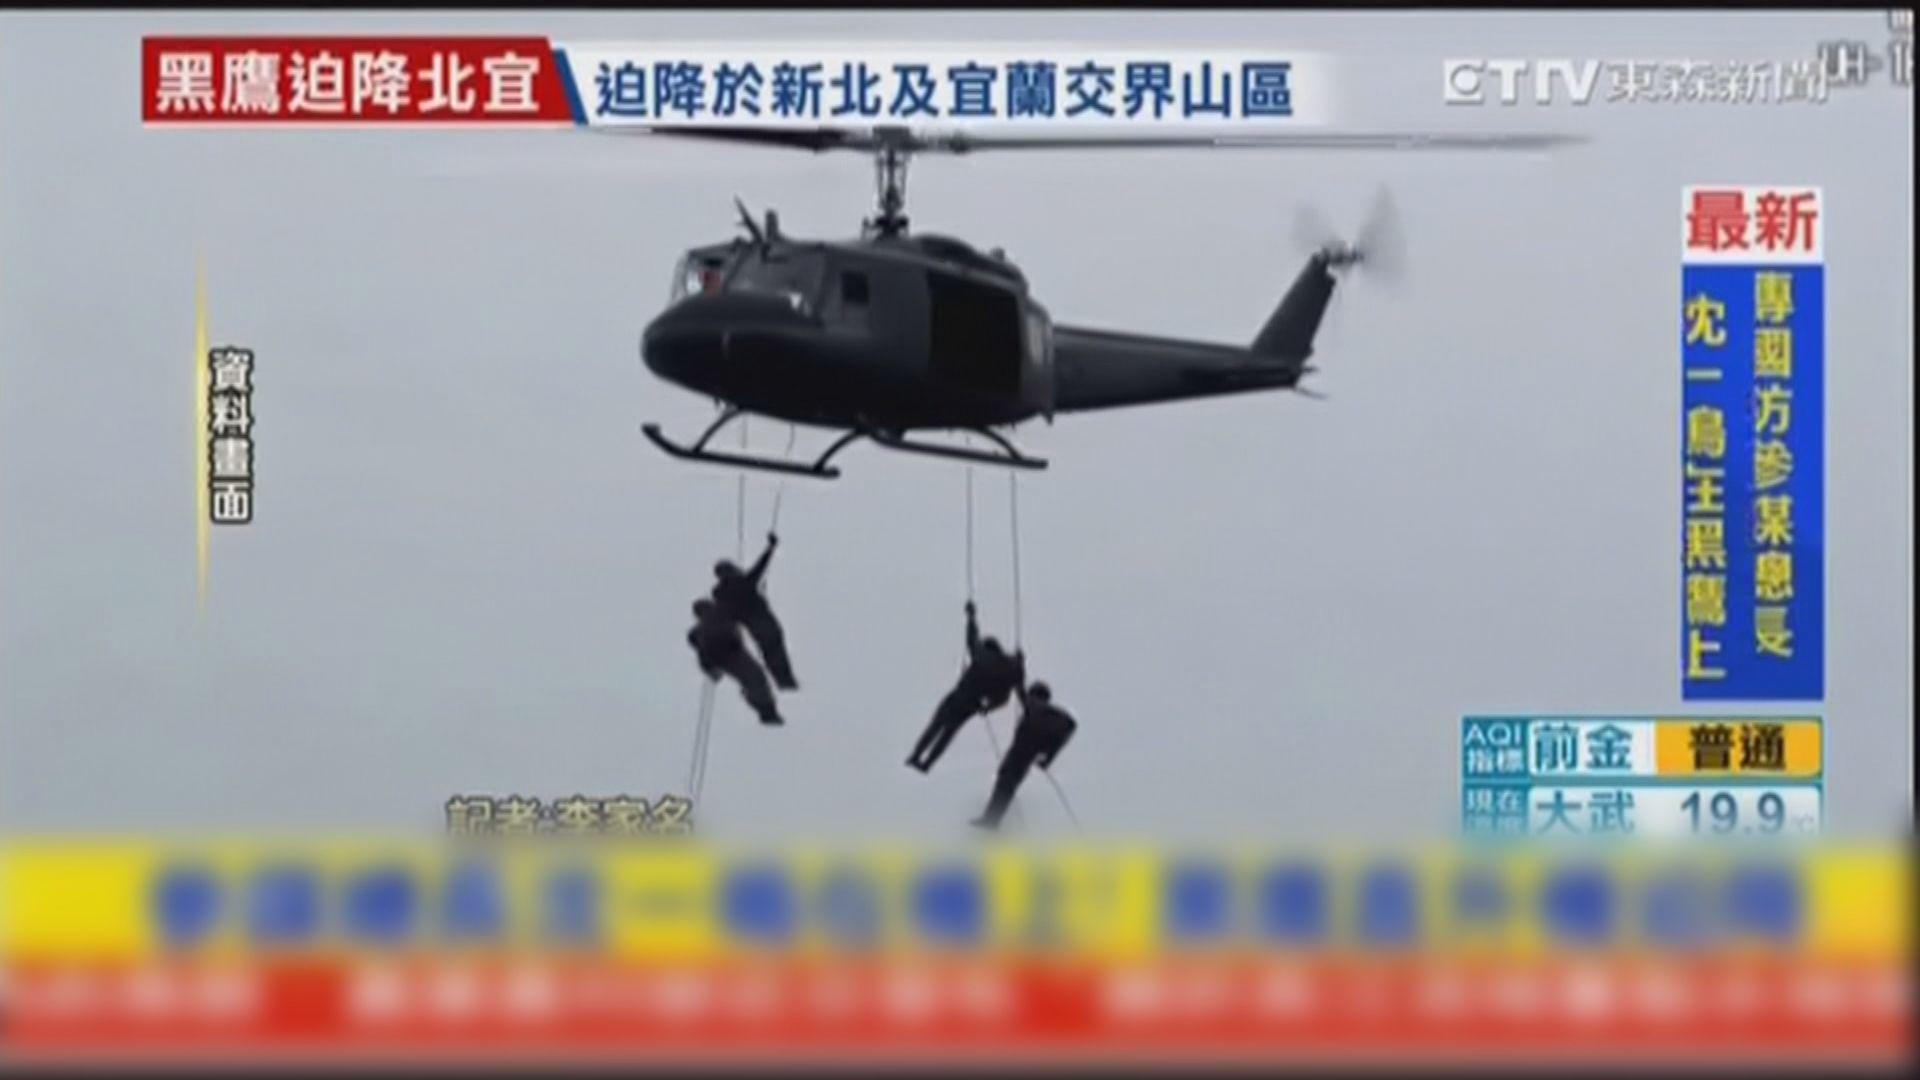 台灣軍方一架黑鷹直升機迫降 機上有多名軍方高層